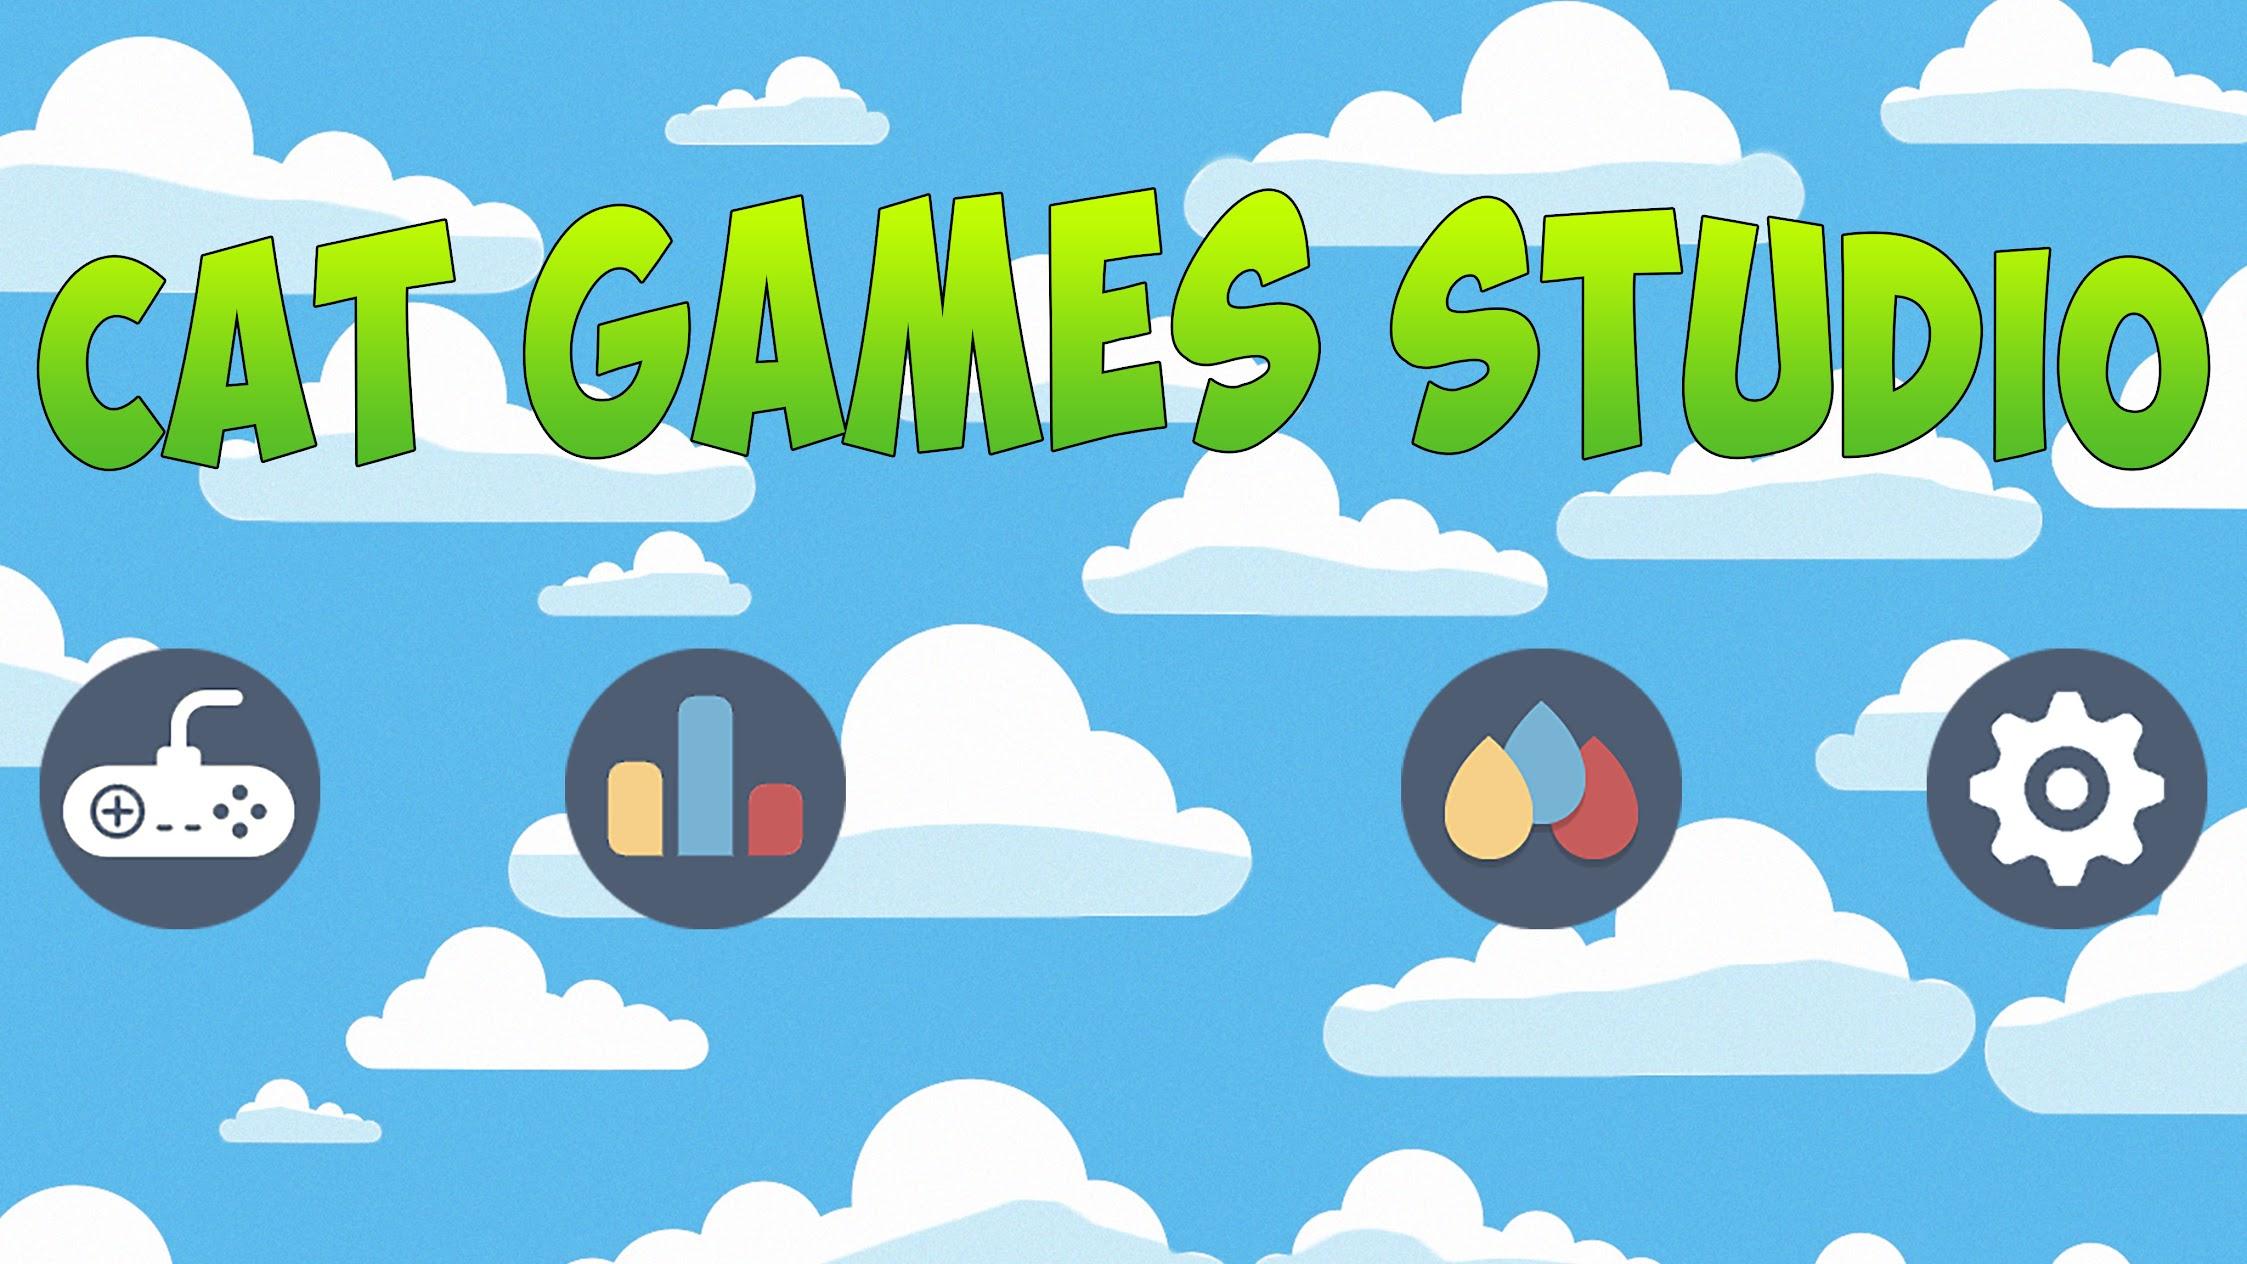 Cat Games Studio